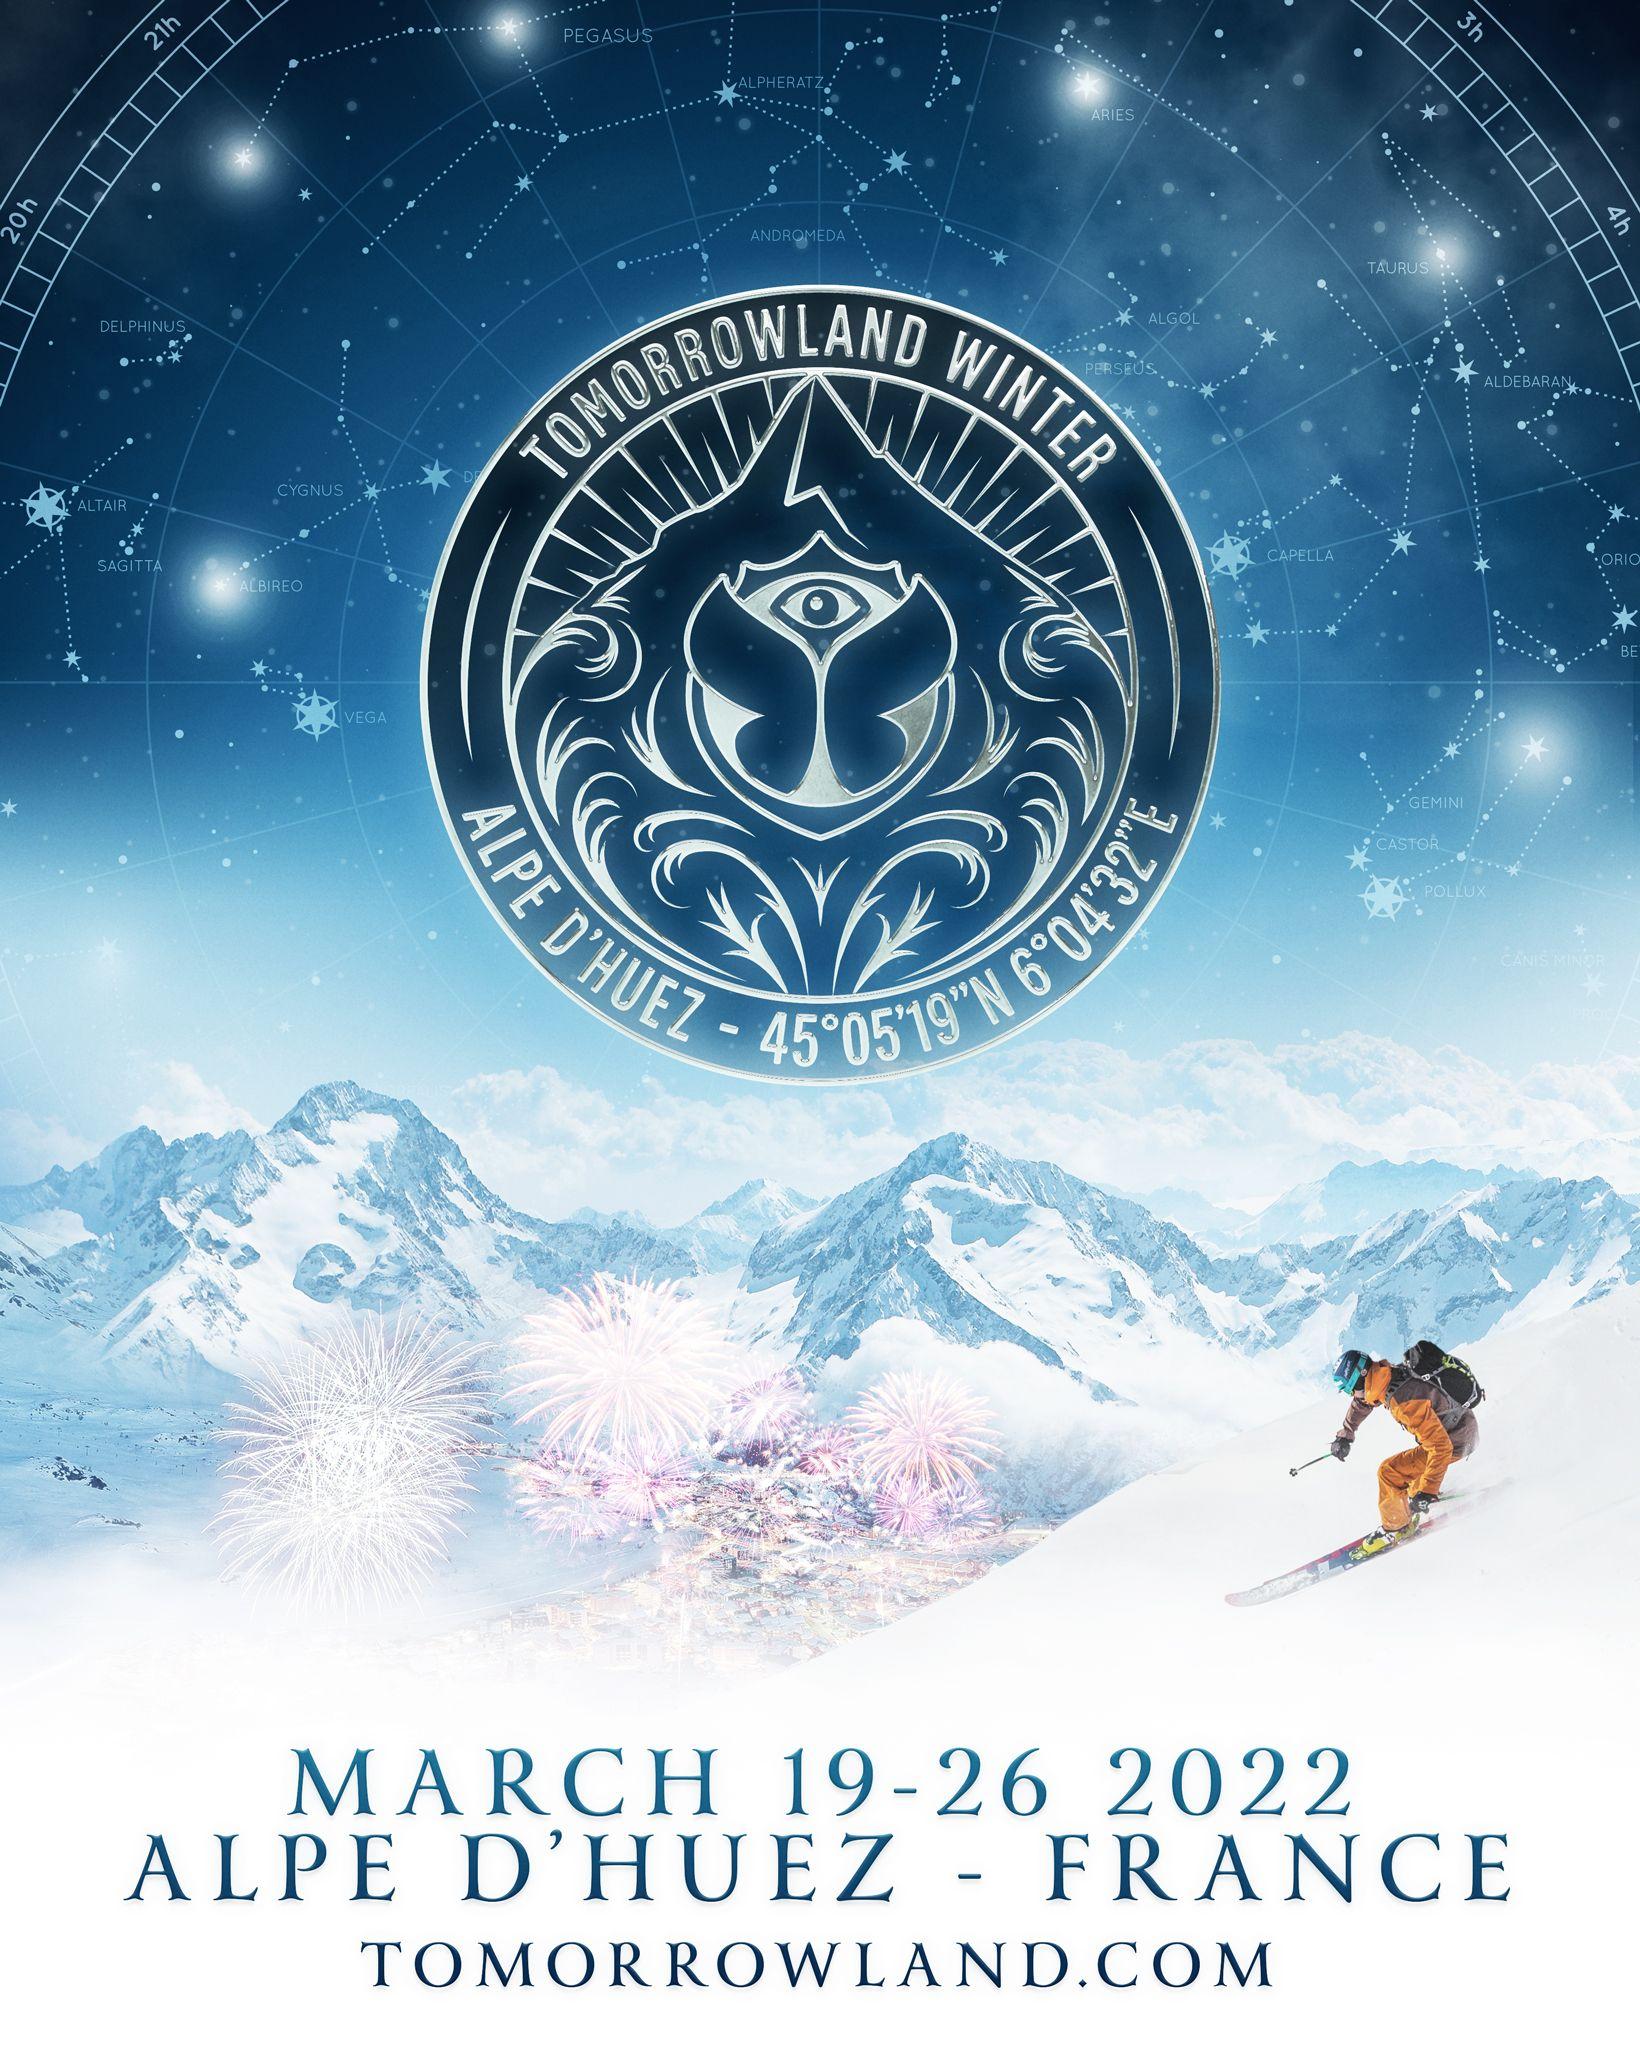 Tomorrowland Winter 2022 affiche musique